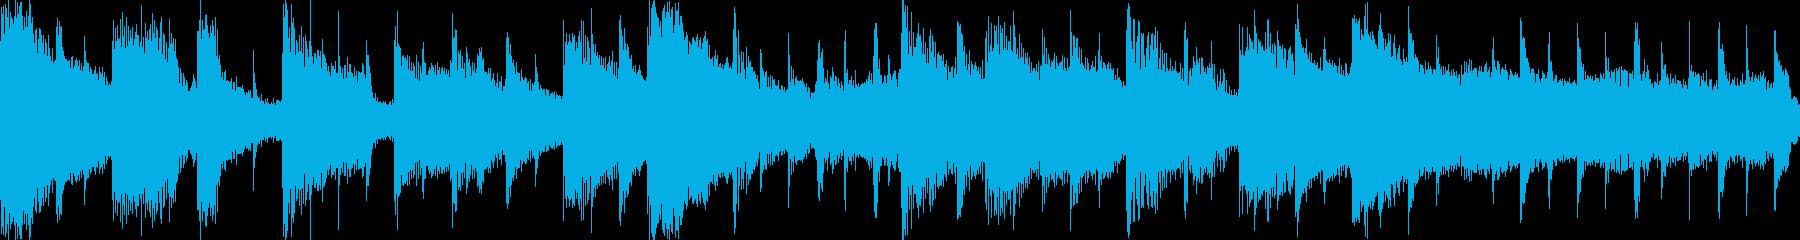 [ループ仕様ジングル]会いたい気持ちの再生済みの波形